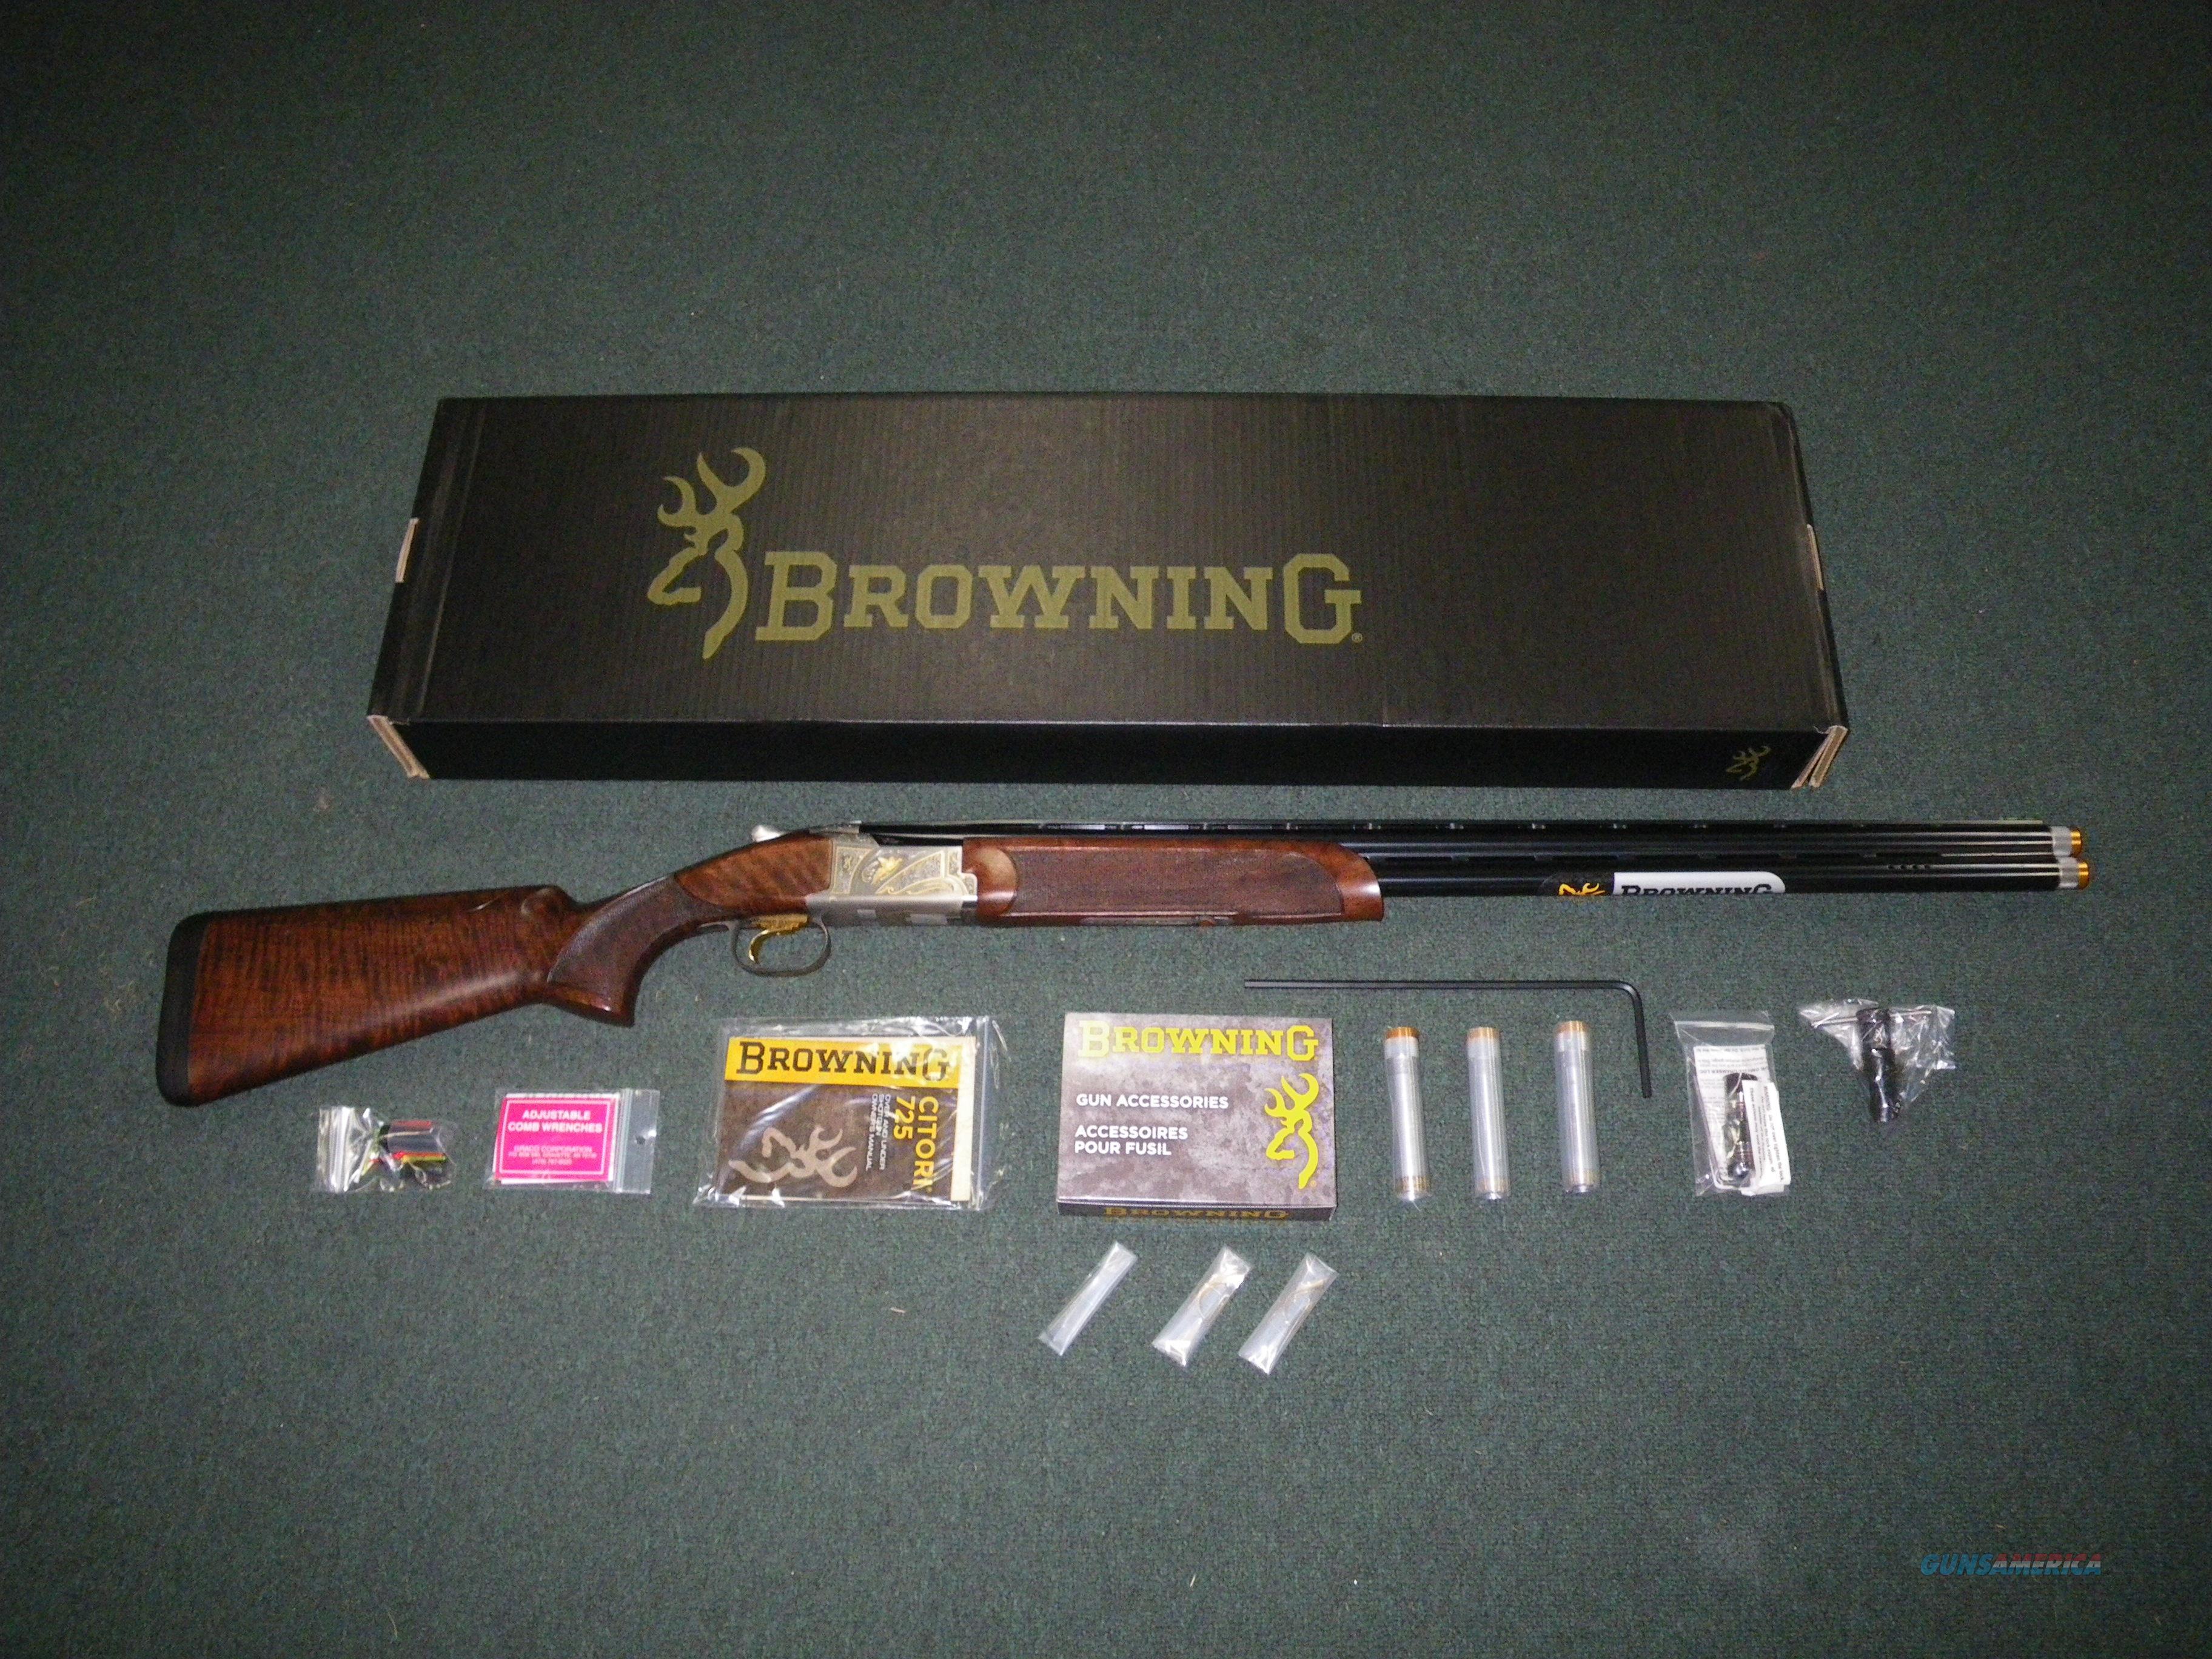 """Browning Citori 725 Sporting Golden Clays 12ga 30"""" 0180814010  Guns > Shotguns > Browning Shotguns > Over Unders > Citori > Hunting"""